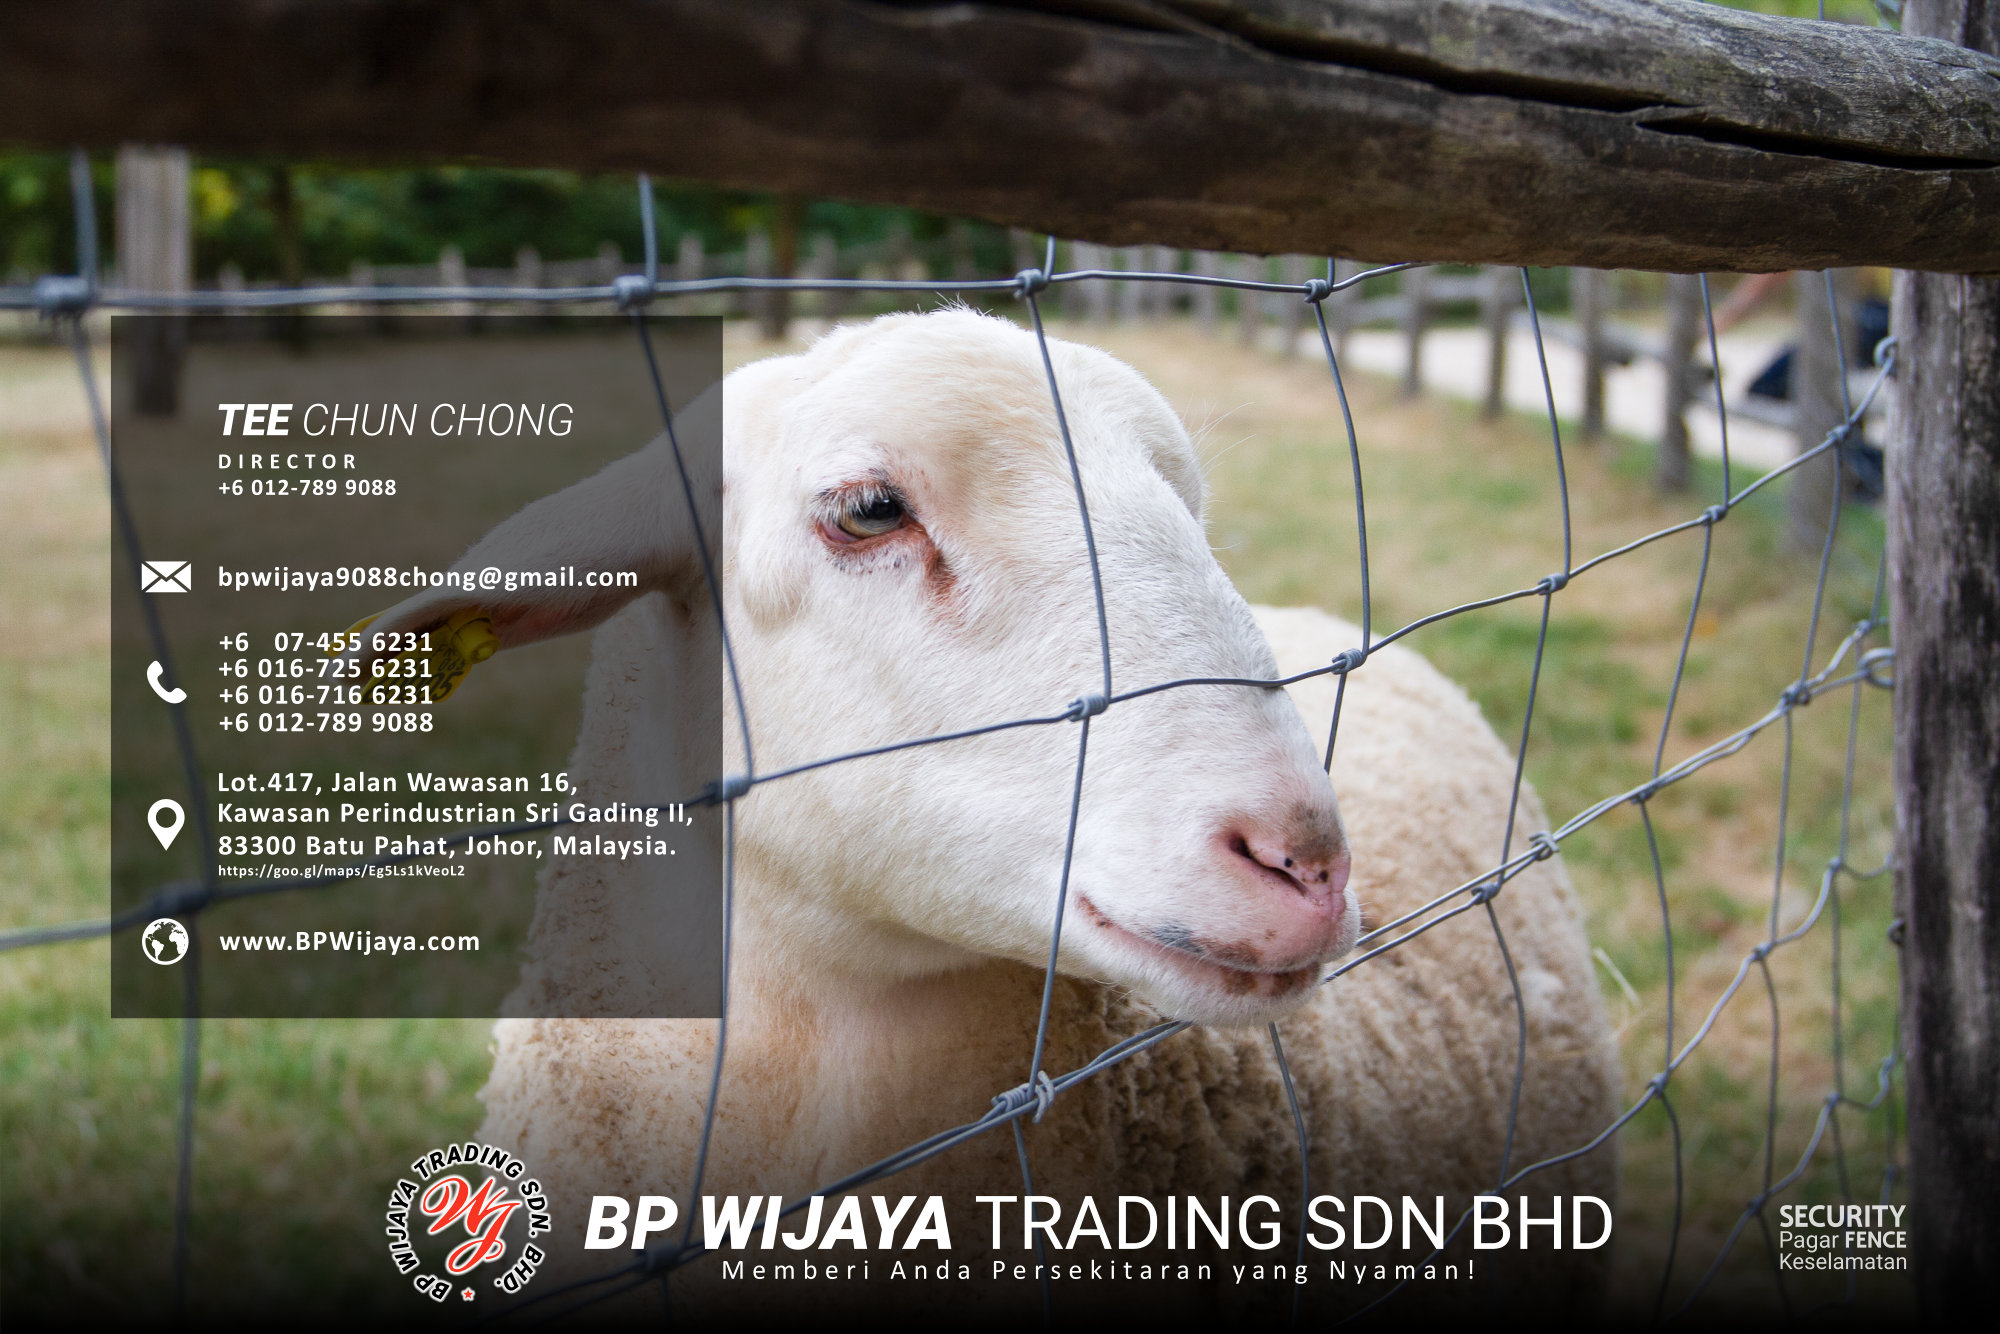 Pembekal Kuala Lumpur Pagar Keselamatan kami merupakan pengilang pagar keselamatan BP Wijaya Trading Sdn Bhd Pagar Taman Pagar Bangunan Pagar Kilang Pagar Rumah Pemborong Pagar Keselamatan A03-021